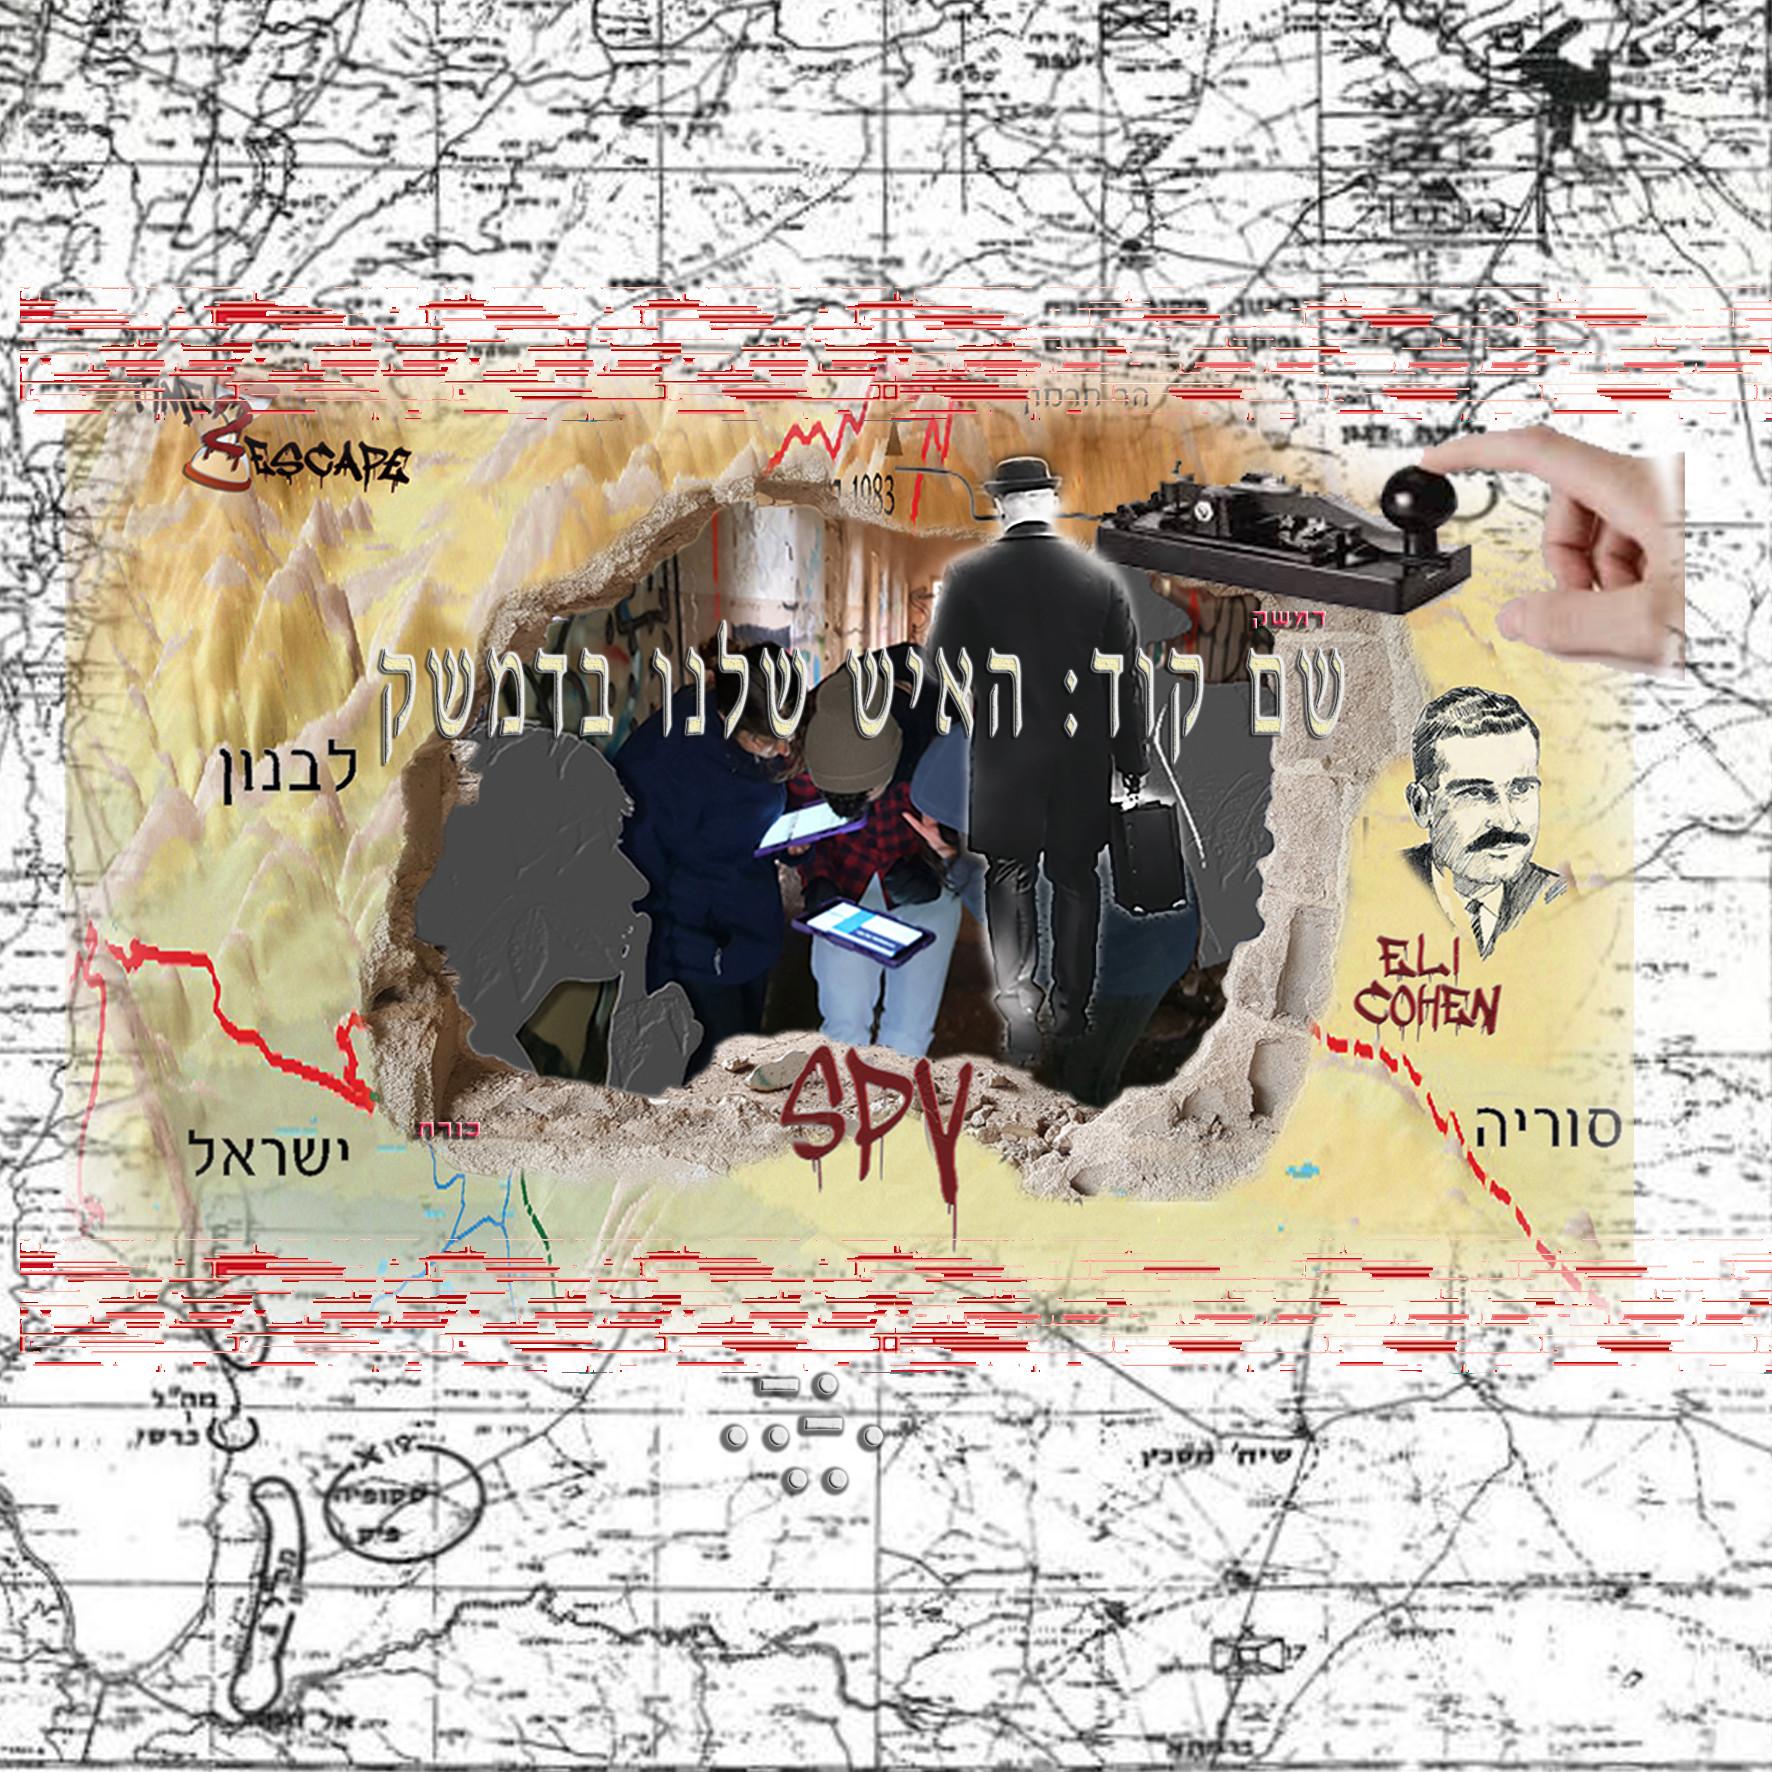 שם קוד: האיש שלנו בדמשק כרטיס משפחתי